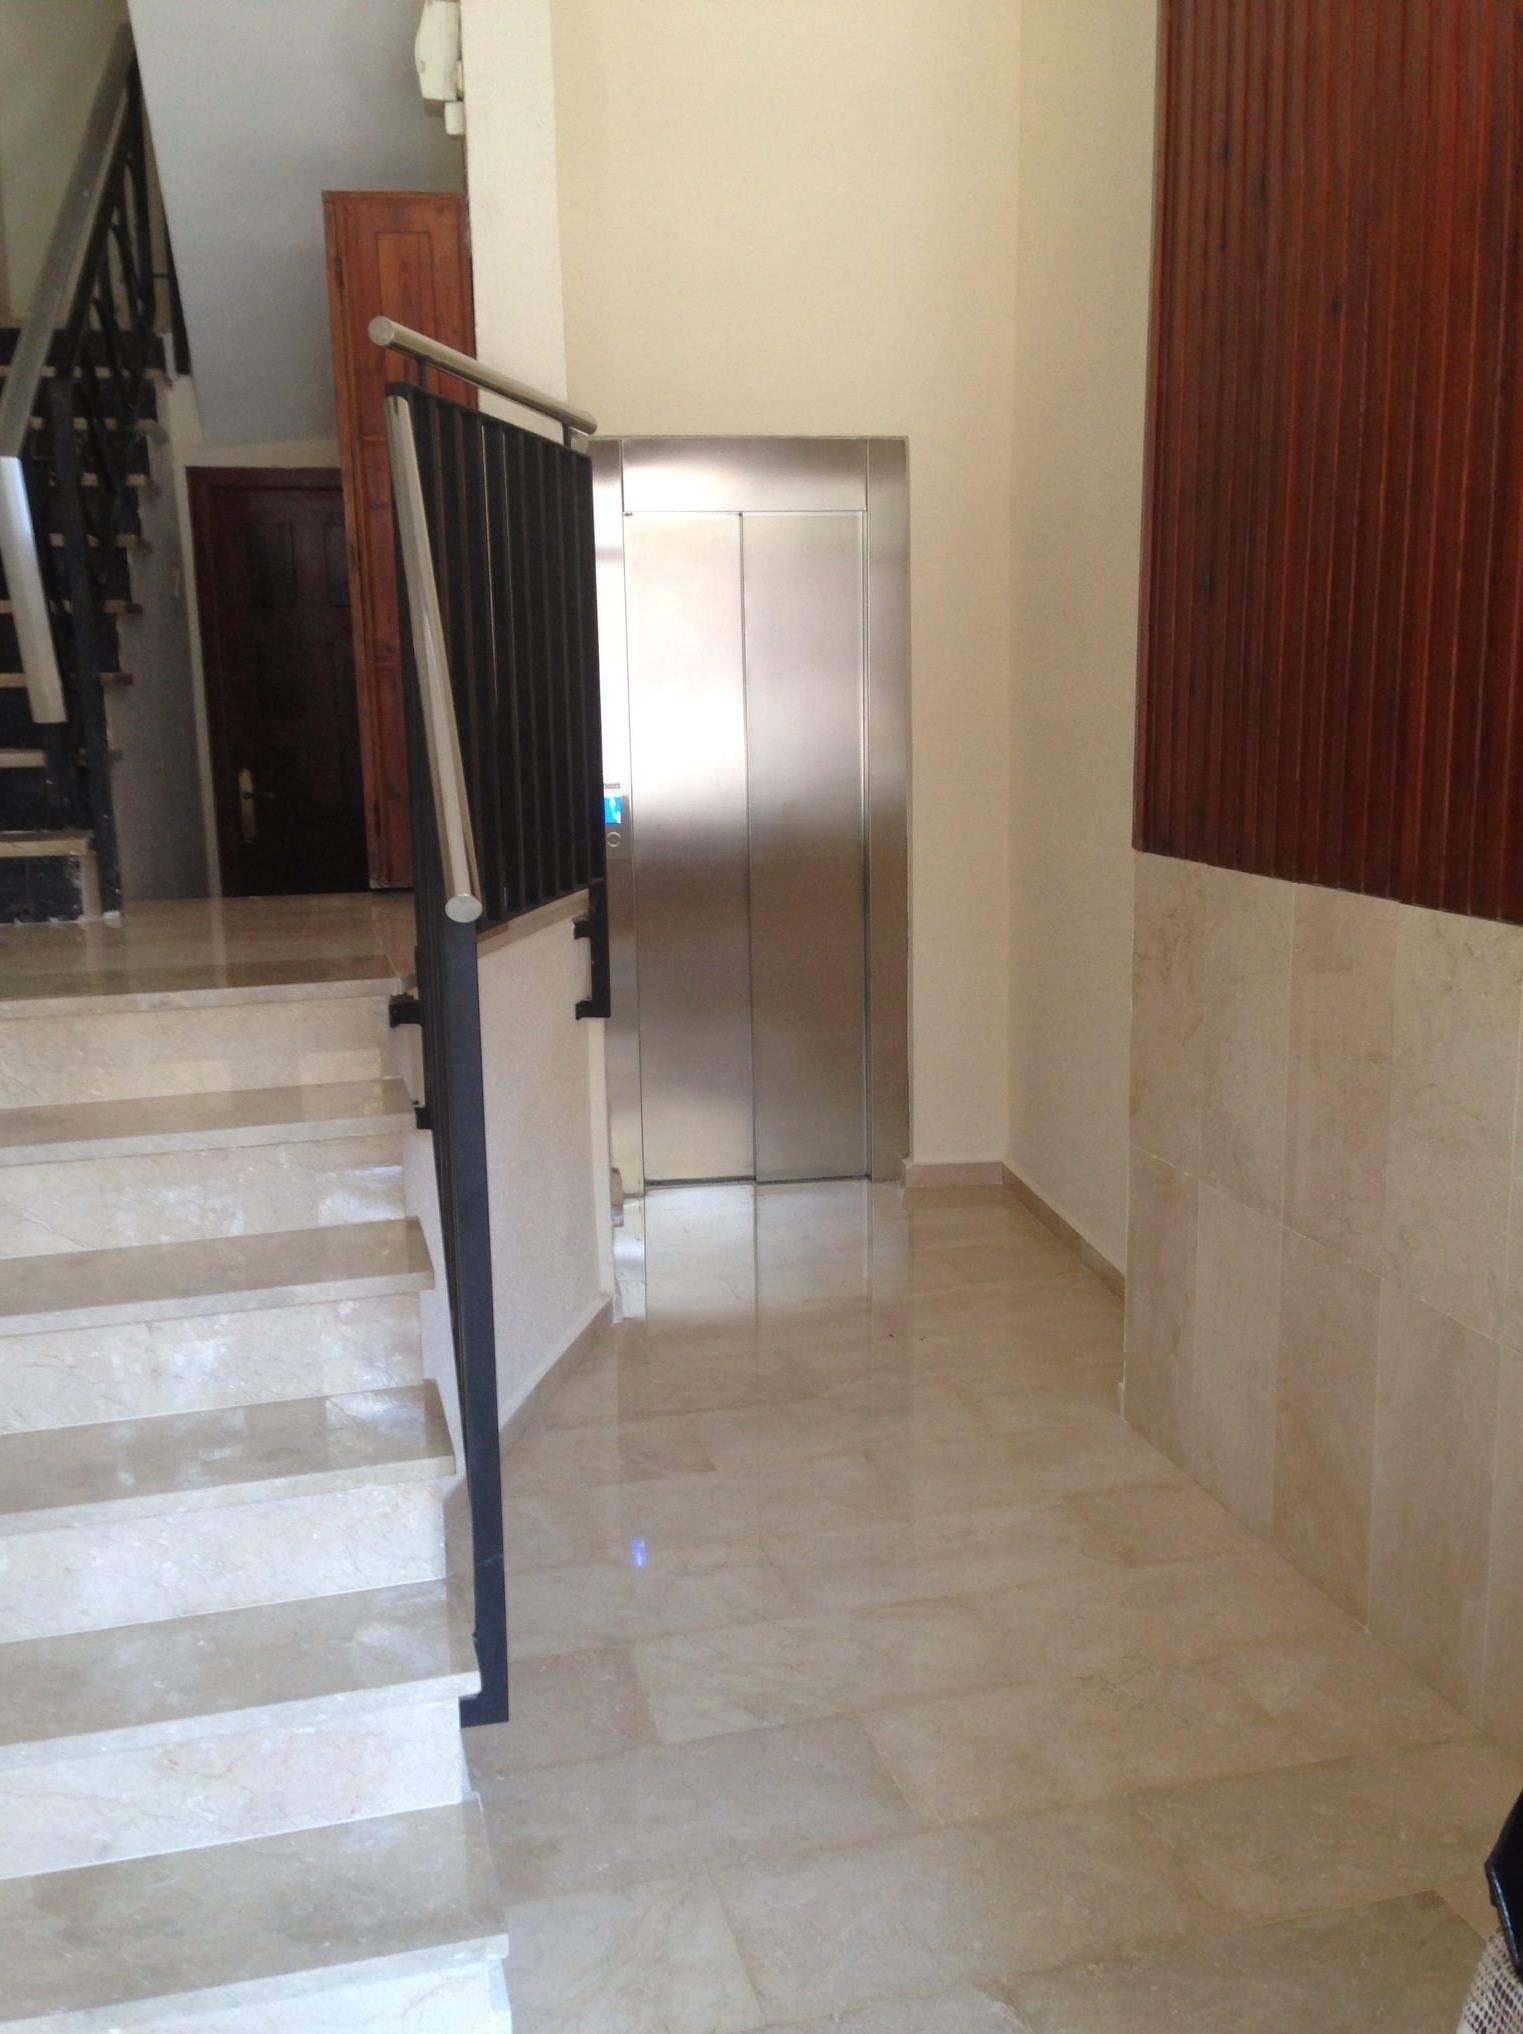 Eliminaci n de barreras arquitect nicas ascensores del turia for Barreras arquitectonicas